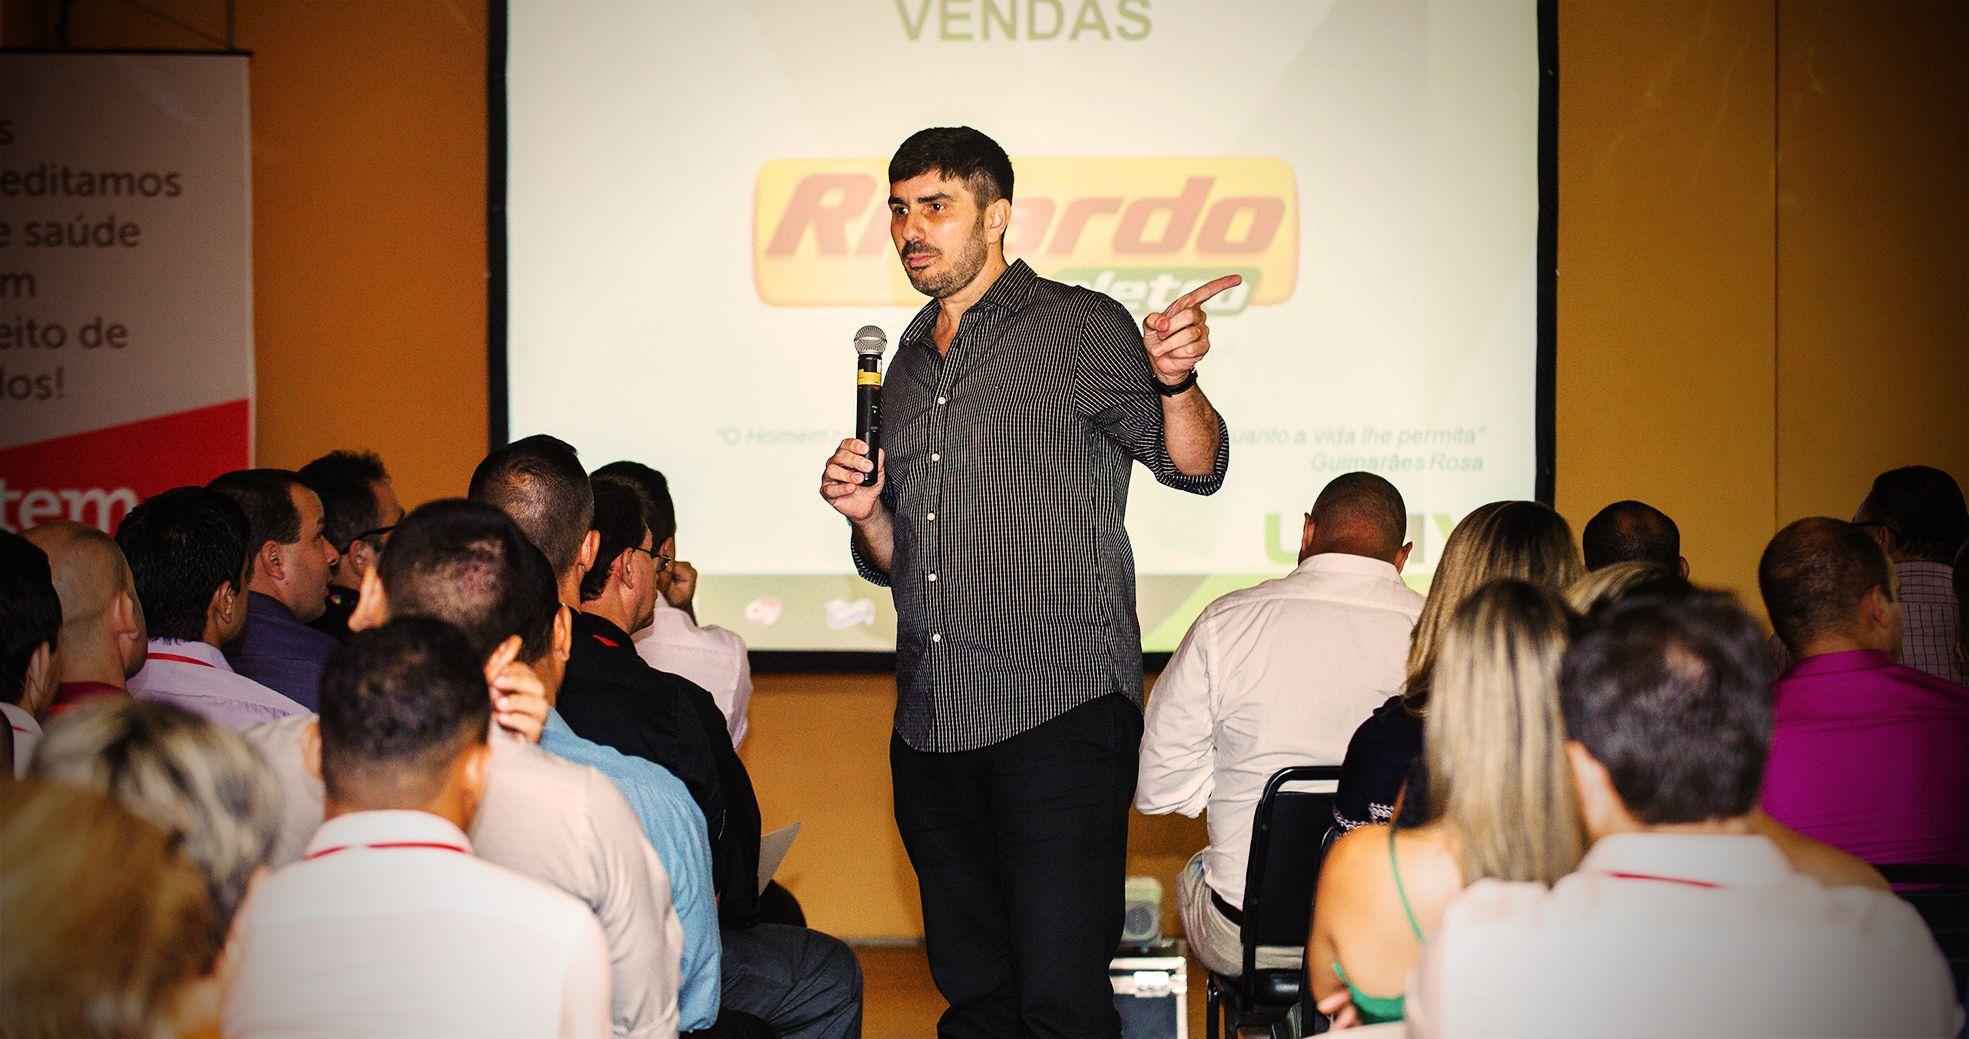 Evento Corporativo - Treinamento Ricardo Eletro - Agência DosReis Livre Marketing